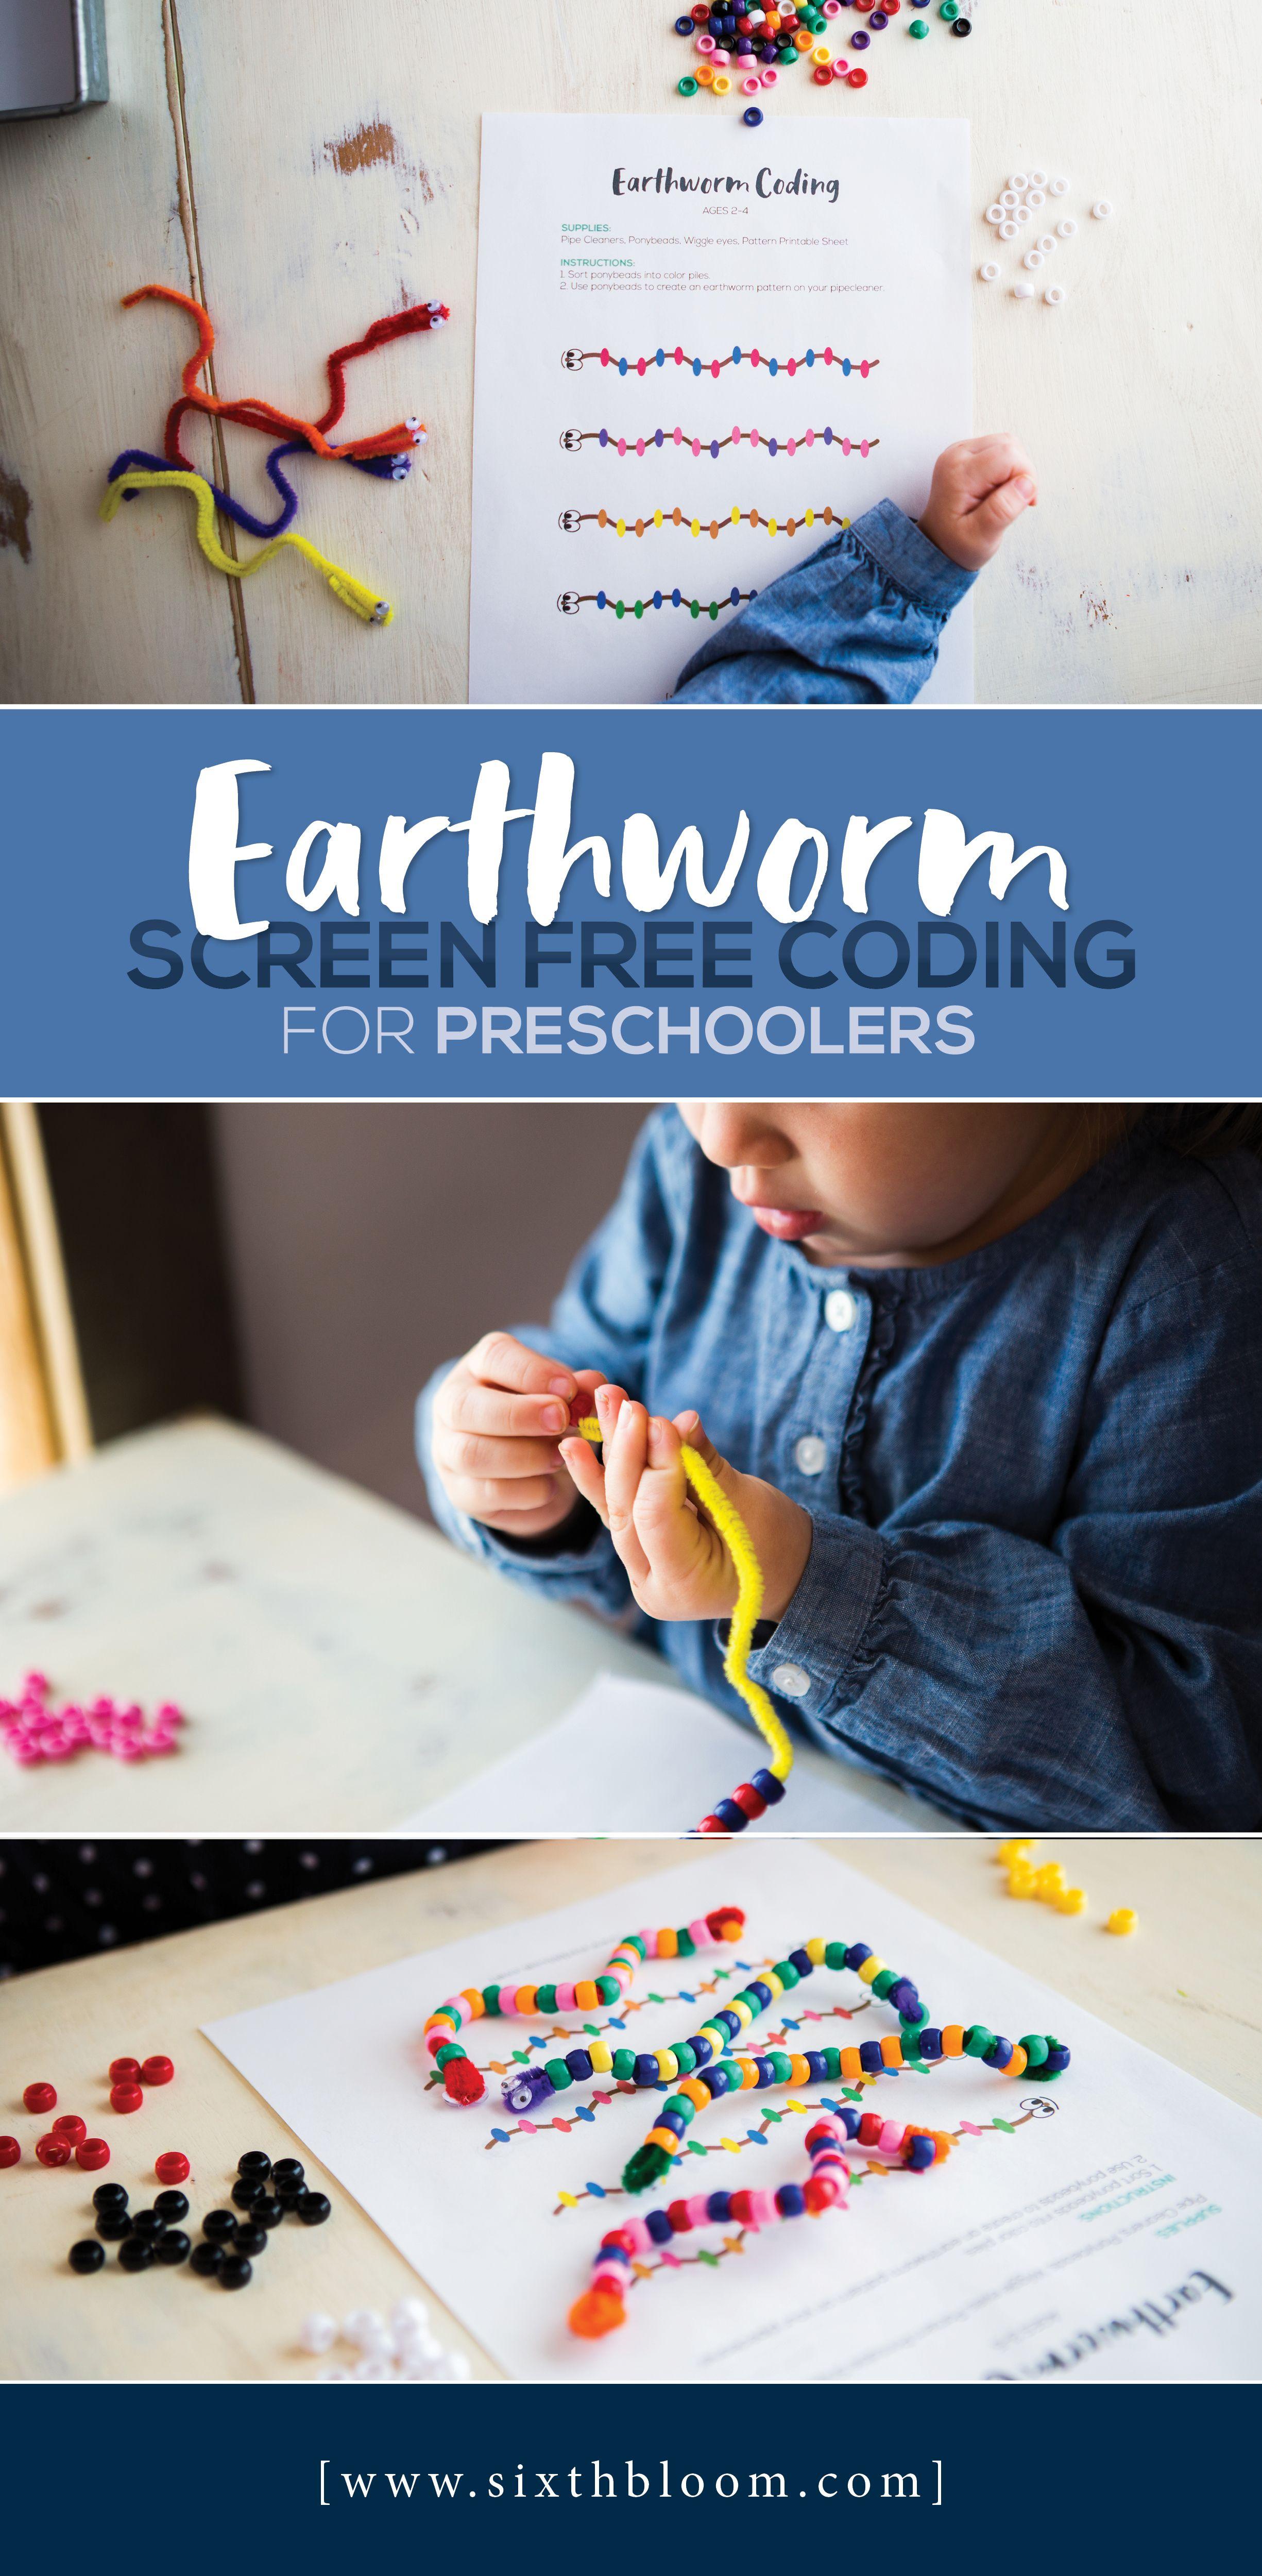 Earthworm Screen Free Coding For Preschoolers Stem Activities Preschool Coding For Kids Stem Activities [ 5000 x 2450 Pixel ]